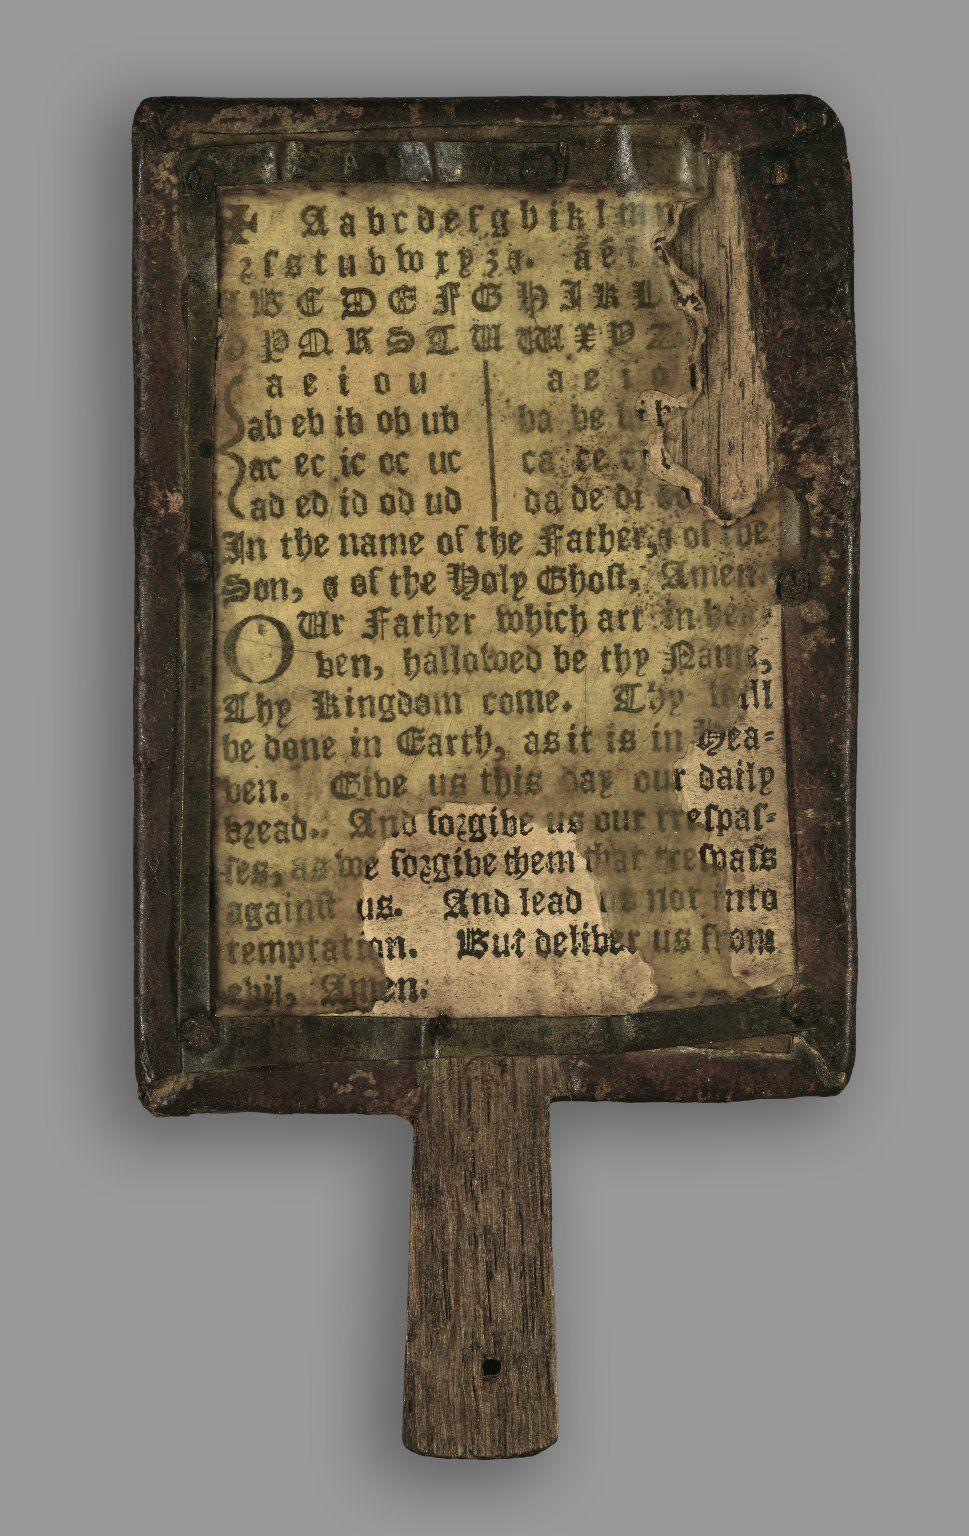 Kinderboek op een stokje  Dit zeldzame en beetje rare boek is gemaakt in de 17de eeuw, het is een hornbook of hoornboek. Hornbooks zijn de voorlopers van het leesplankje. Het zijn rechthoekige plankjes met een handgreep. Aan voor- en achterzijde is een velletje papier bevestigd met het alfabet in hoofdletters en in kleine letters, soms ook cijfers en het Onze Vader. Als bescherming werd het papier afgedekt met een plaatje doorzichtig hoorn.